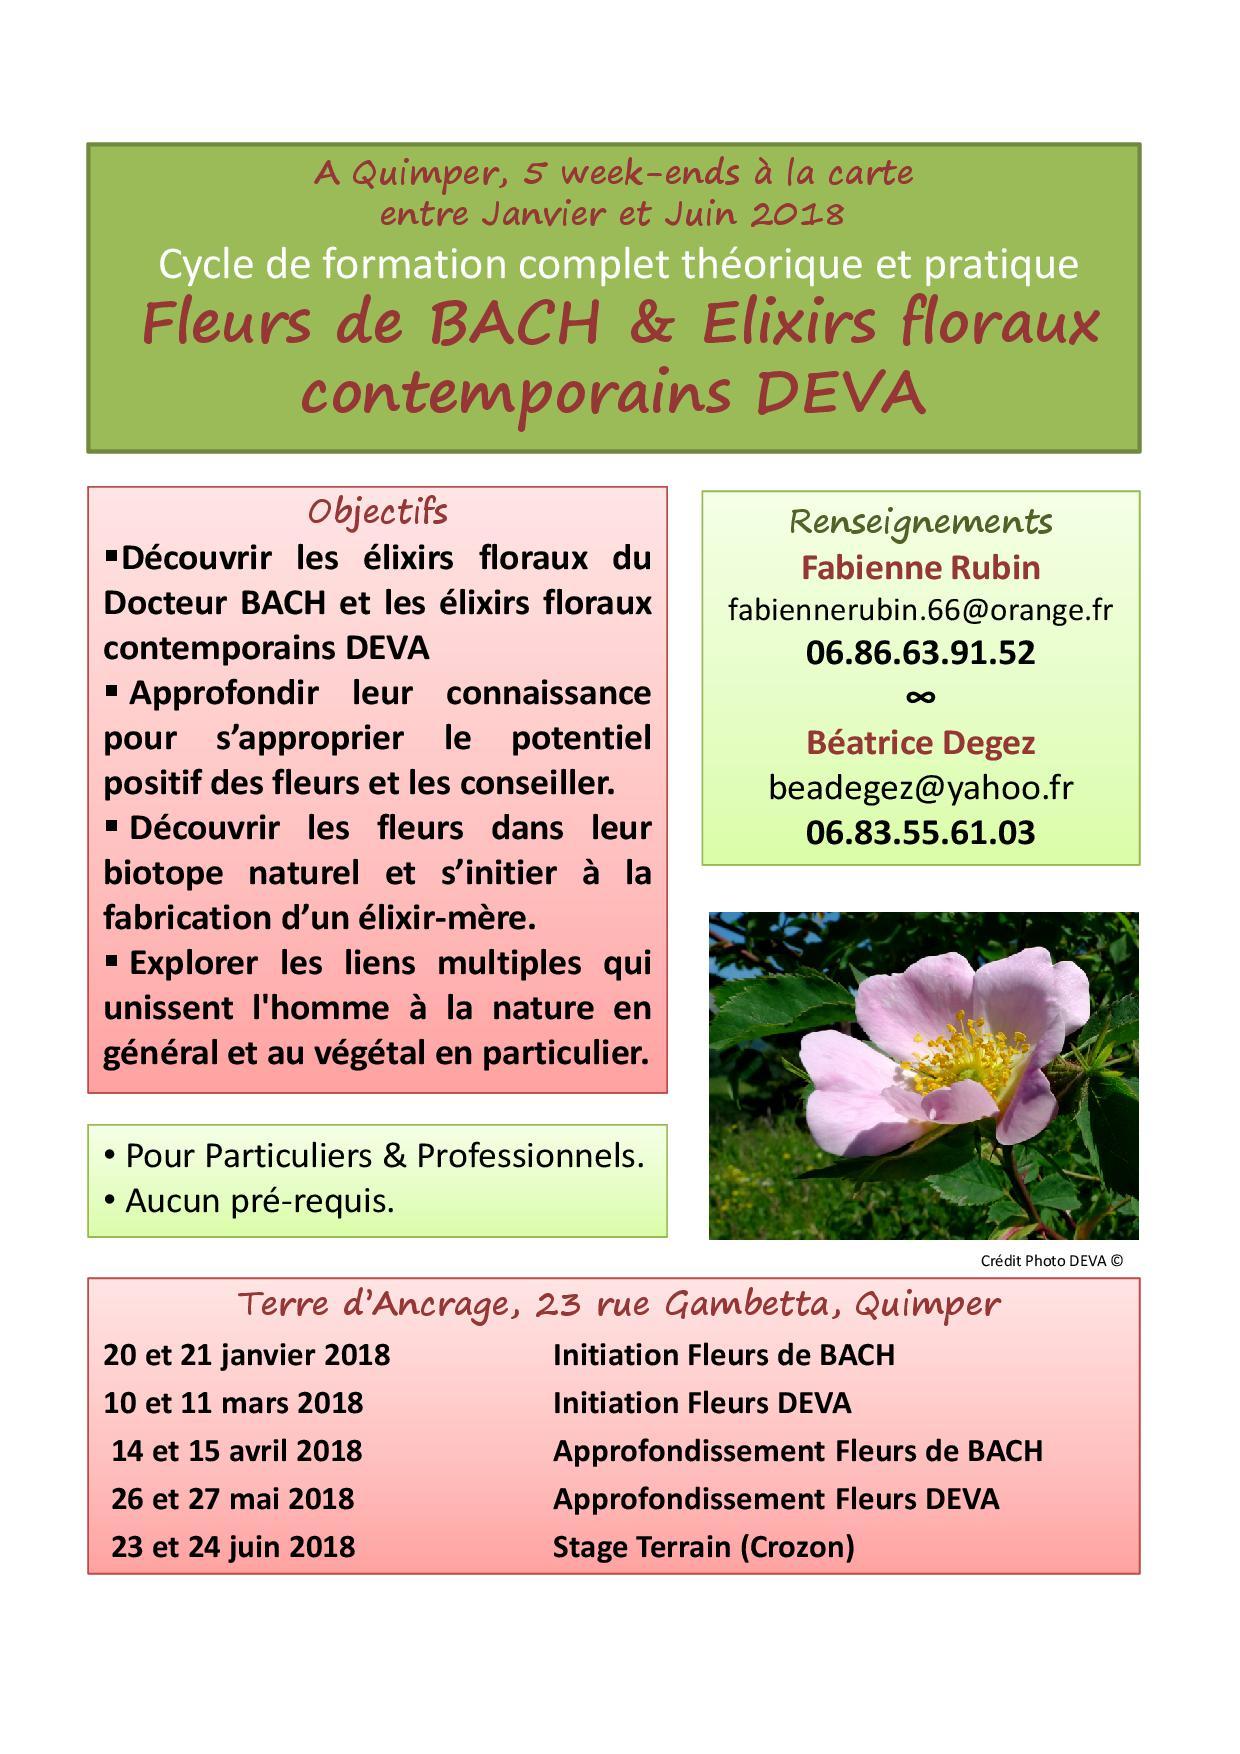 Affiche e floraux quimper 2019